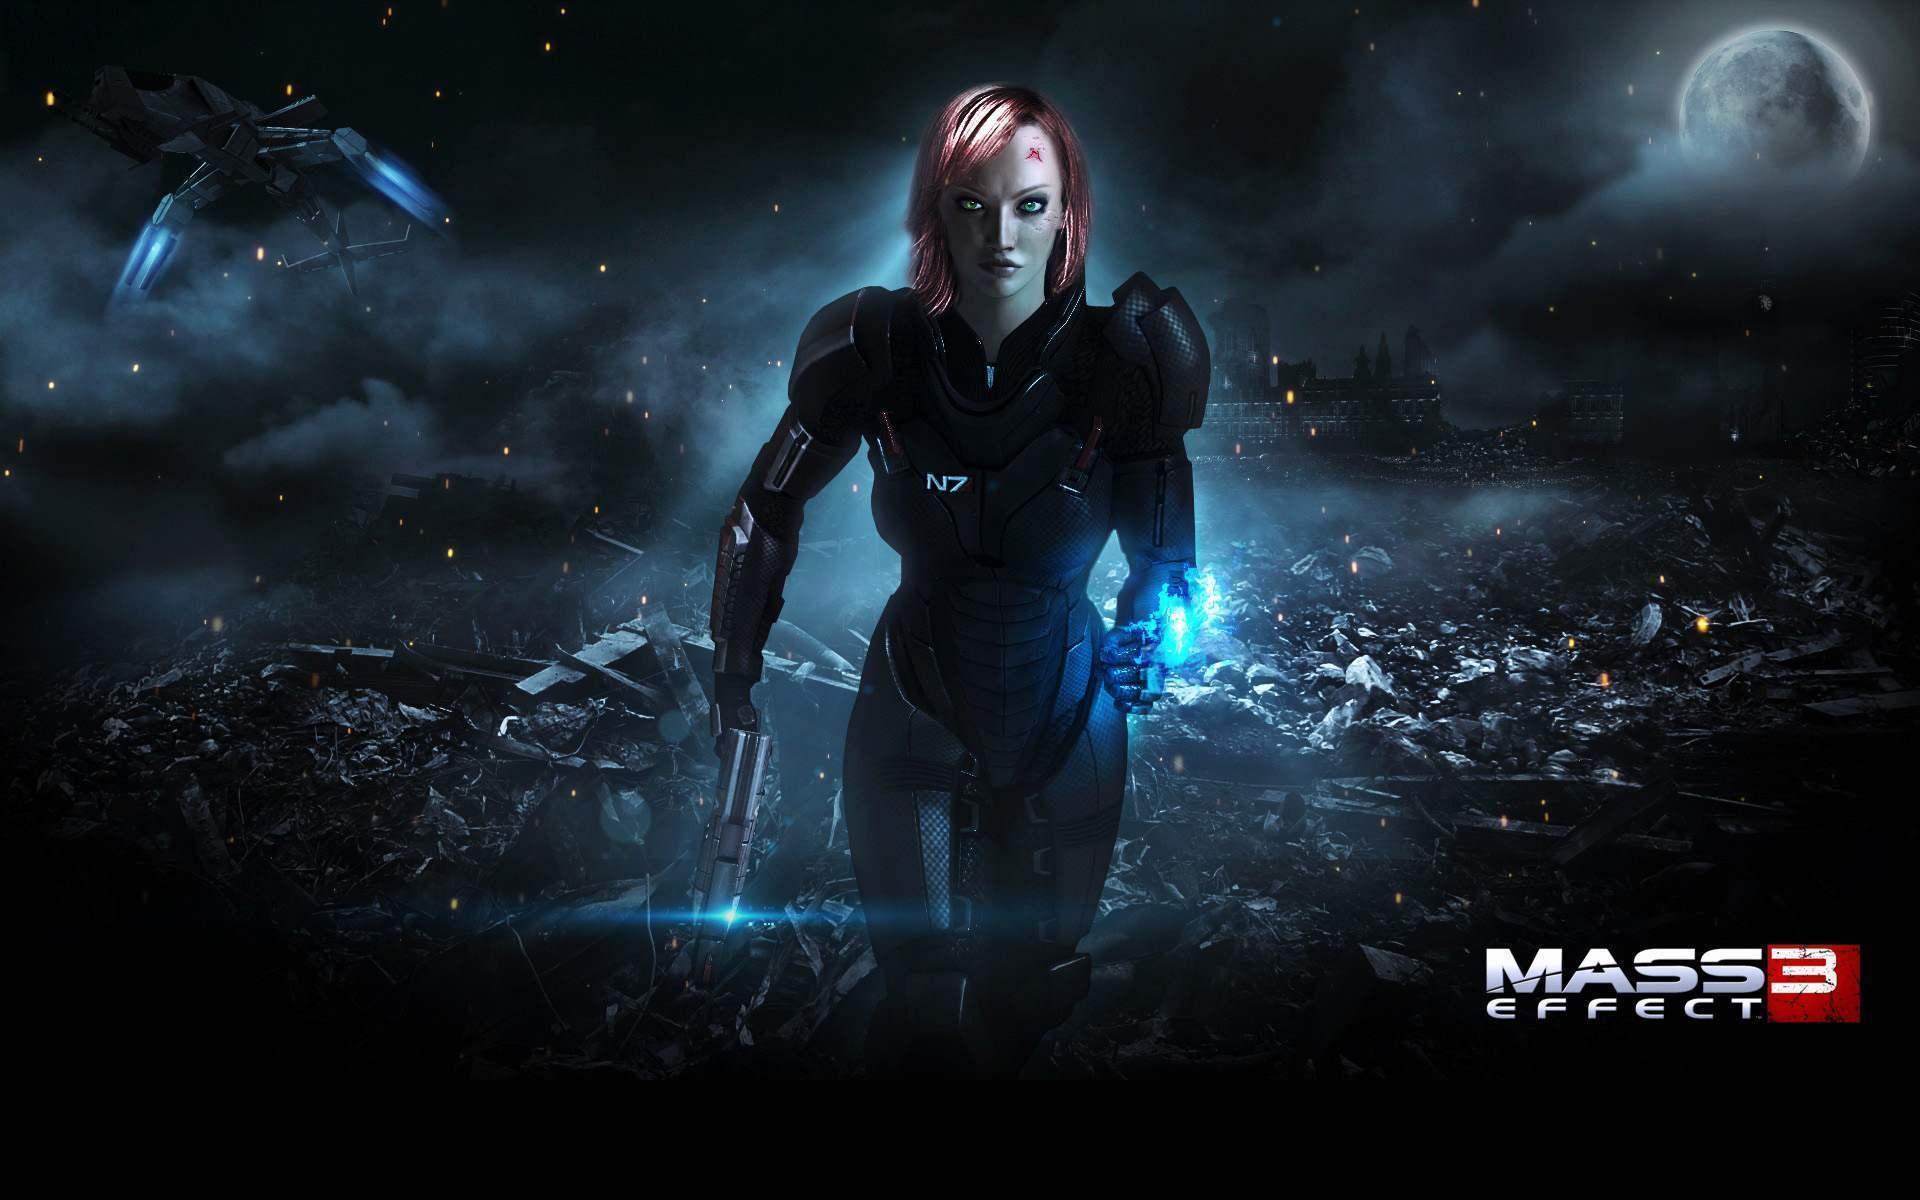 Mass Effect Desktop Wallpapers - Wallpaper Cave